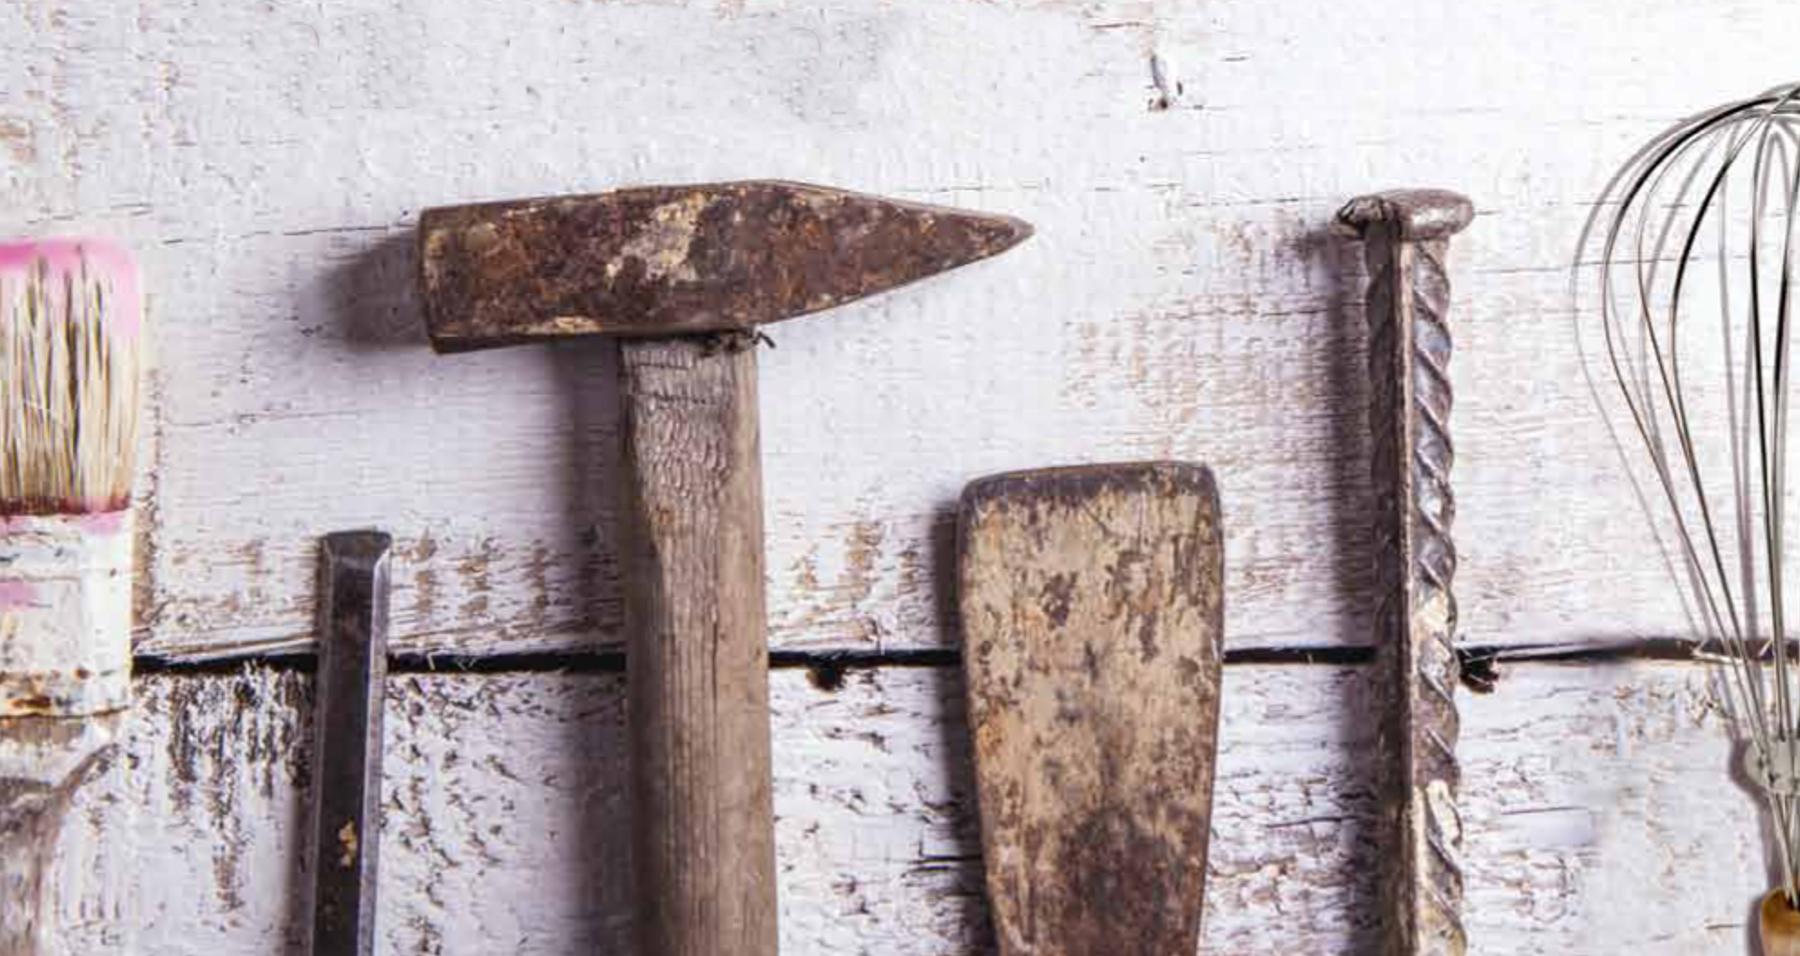 Verschiedene Werkzeuge sind aufgereiht vor einer Holzwand zu sehen u.a. Pinsel, Hammer, Spachtel, Rührbesen